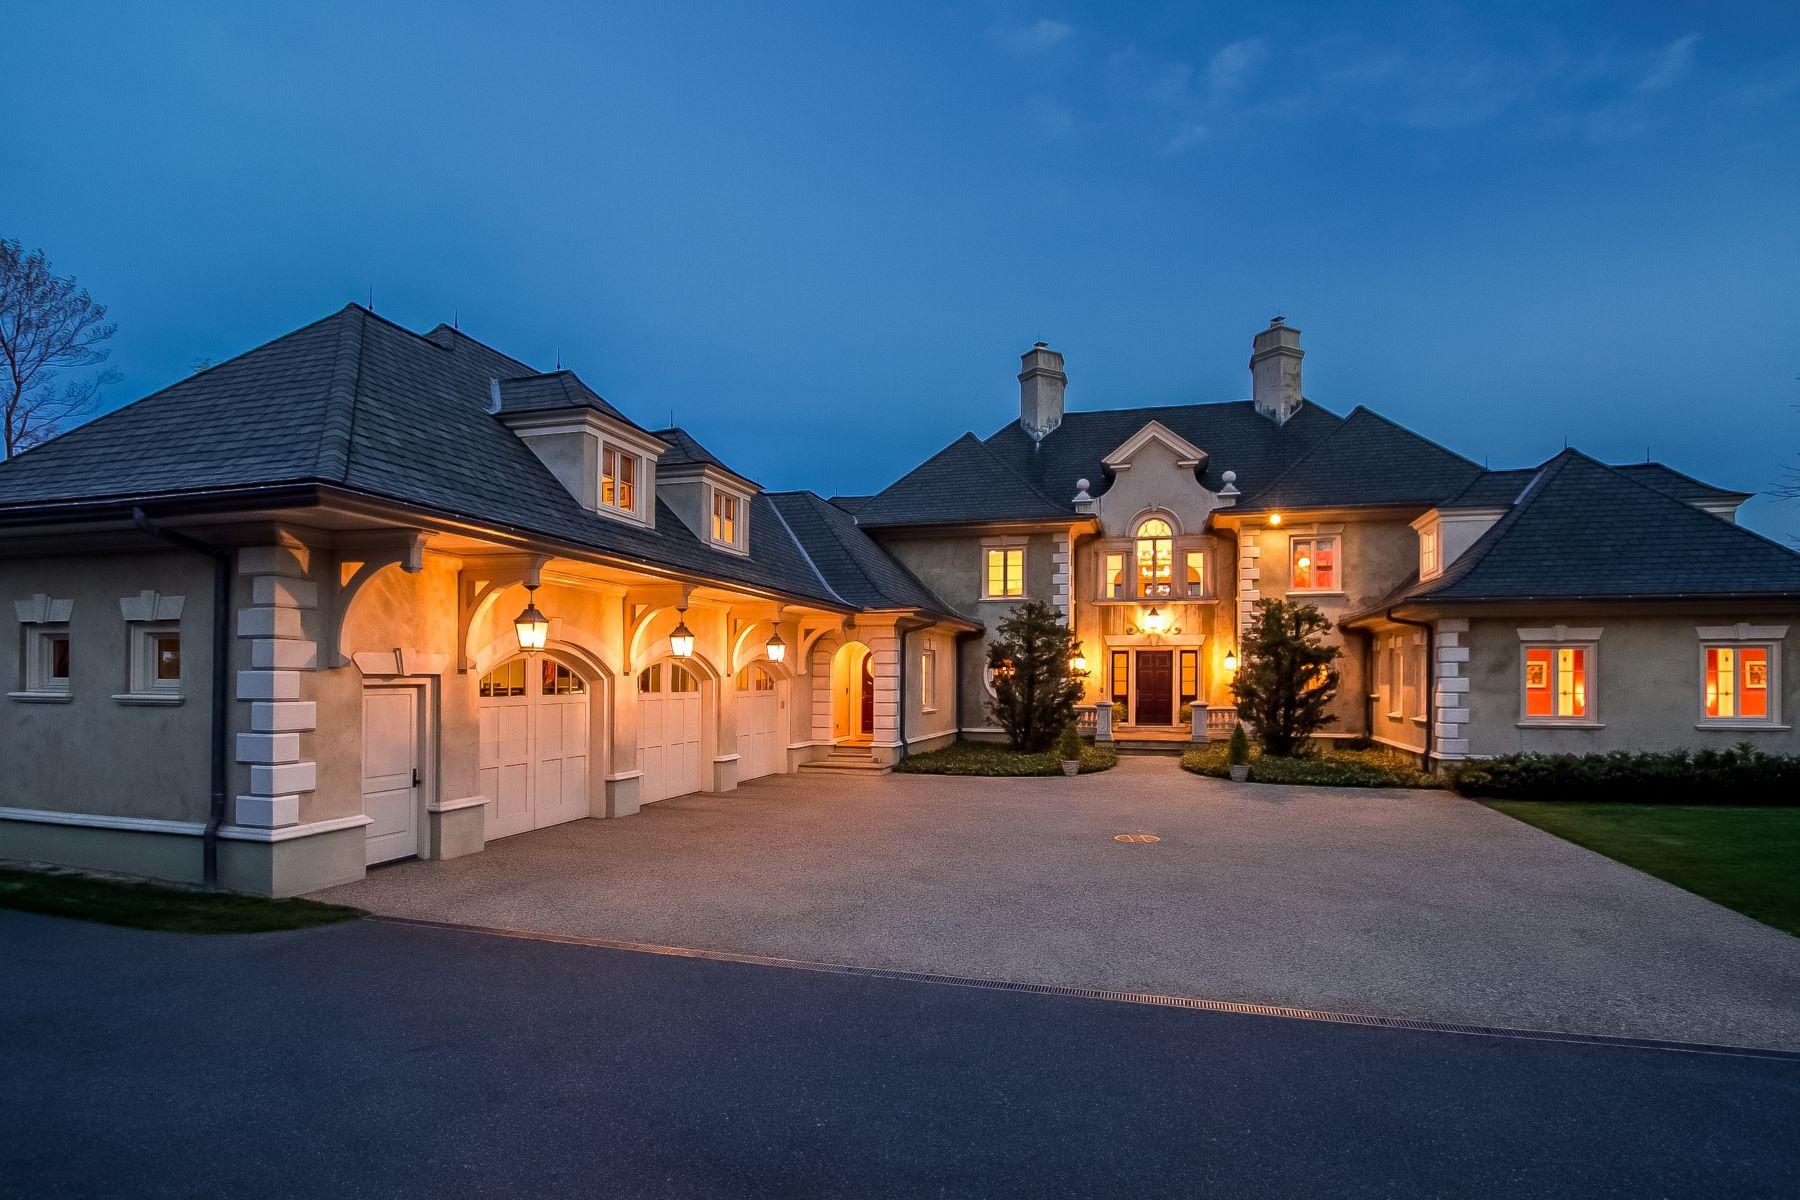 Μονοκατοικία για την Πώληση στο 85 Nayatt Rd, Barrington, RI Barrington, Ροουντ Αϊλαντ 02806 Ηνωμένες Πολιτείες